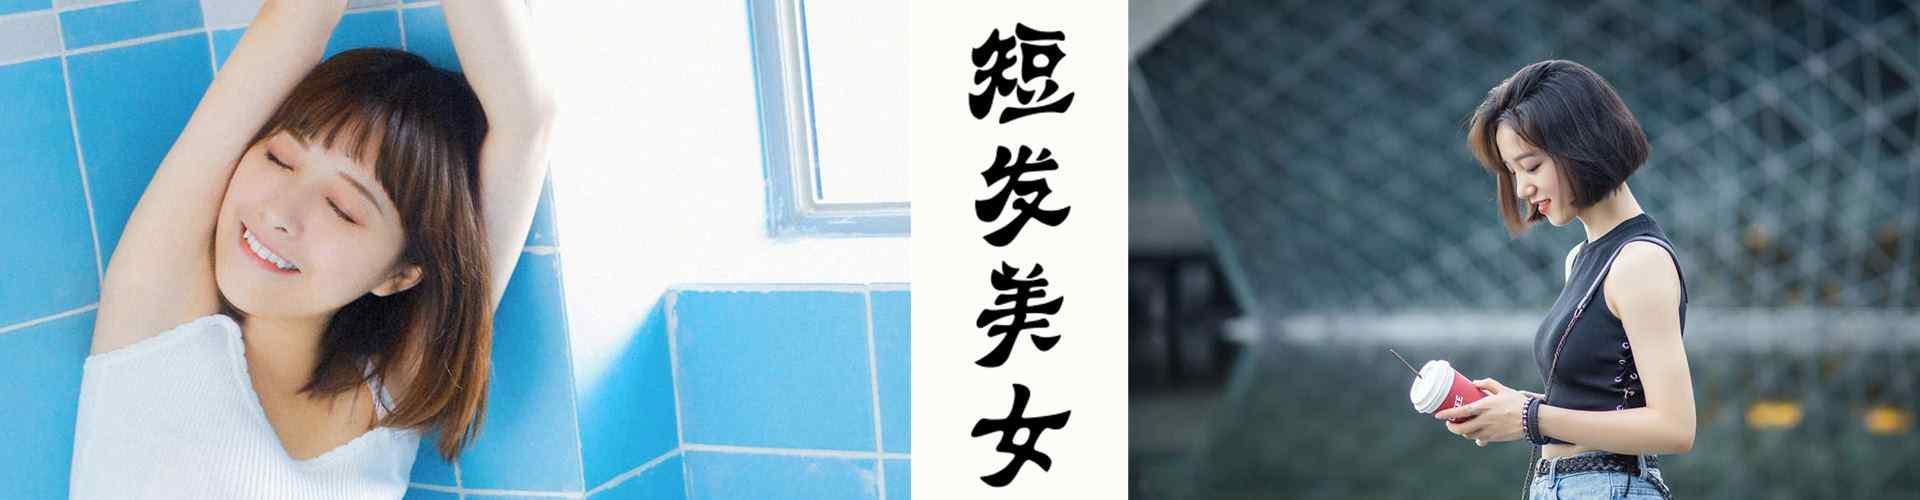 短發(fa)美(mei)女圖片_短發(fa)女明星圖片_小(xiao)清新短發(fa)美(mei)女_美(mei)女私房照圖片_高清美(mei)女壁紙